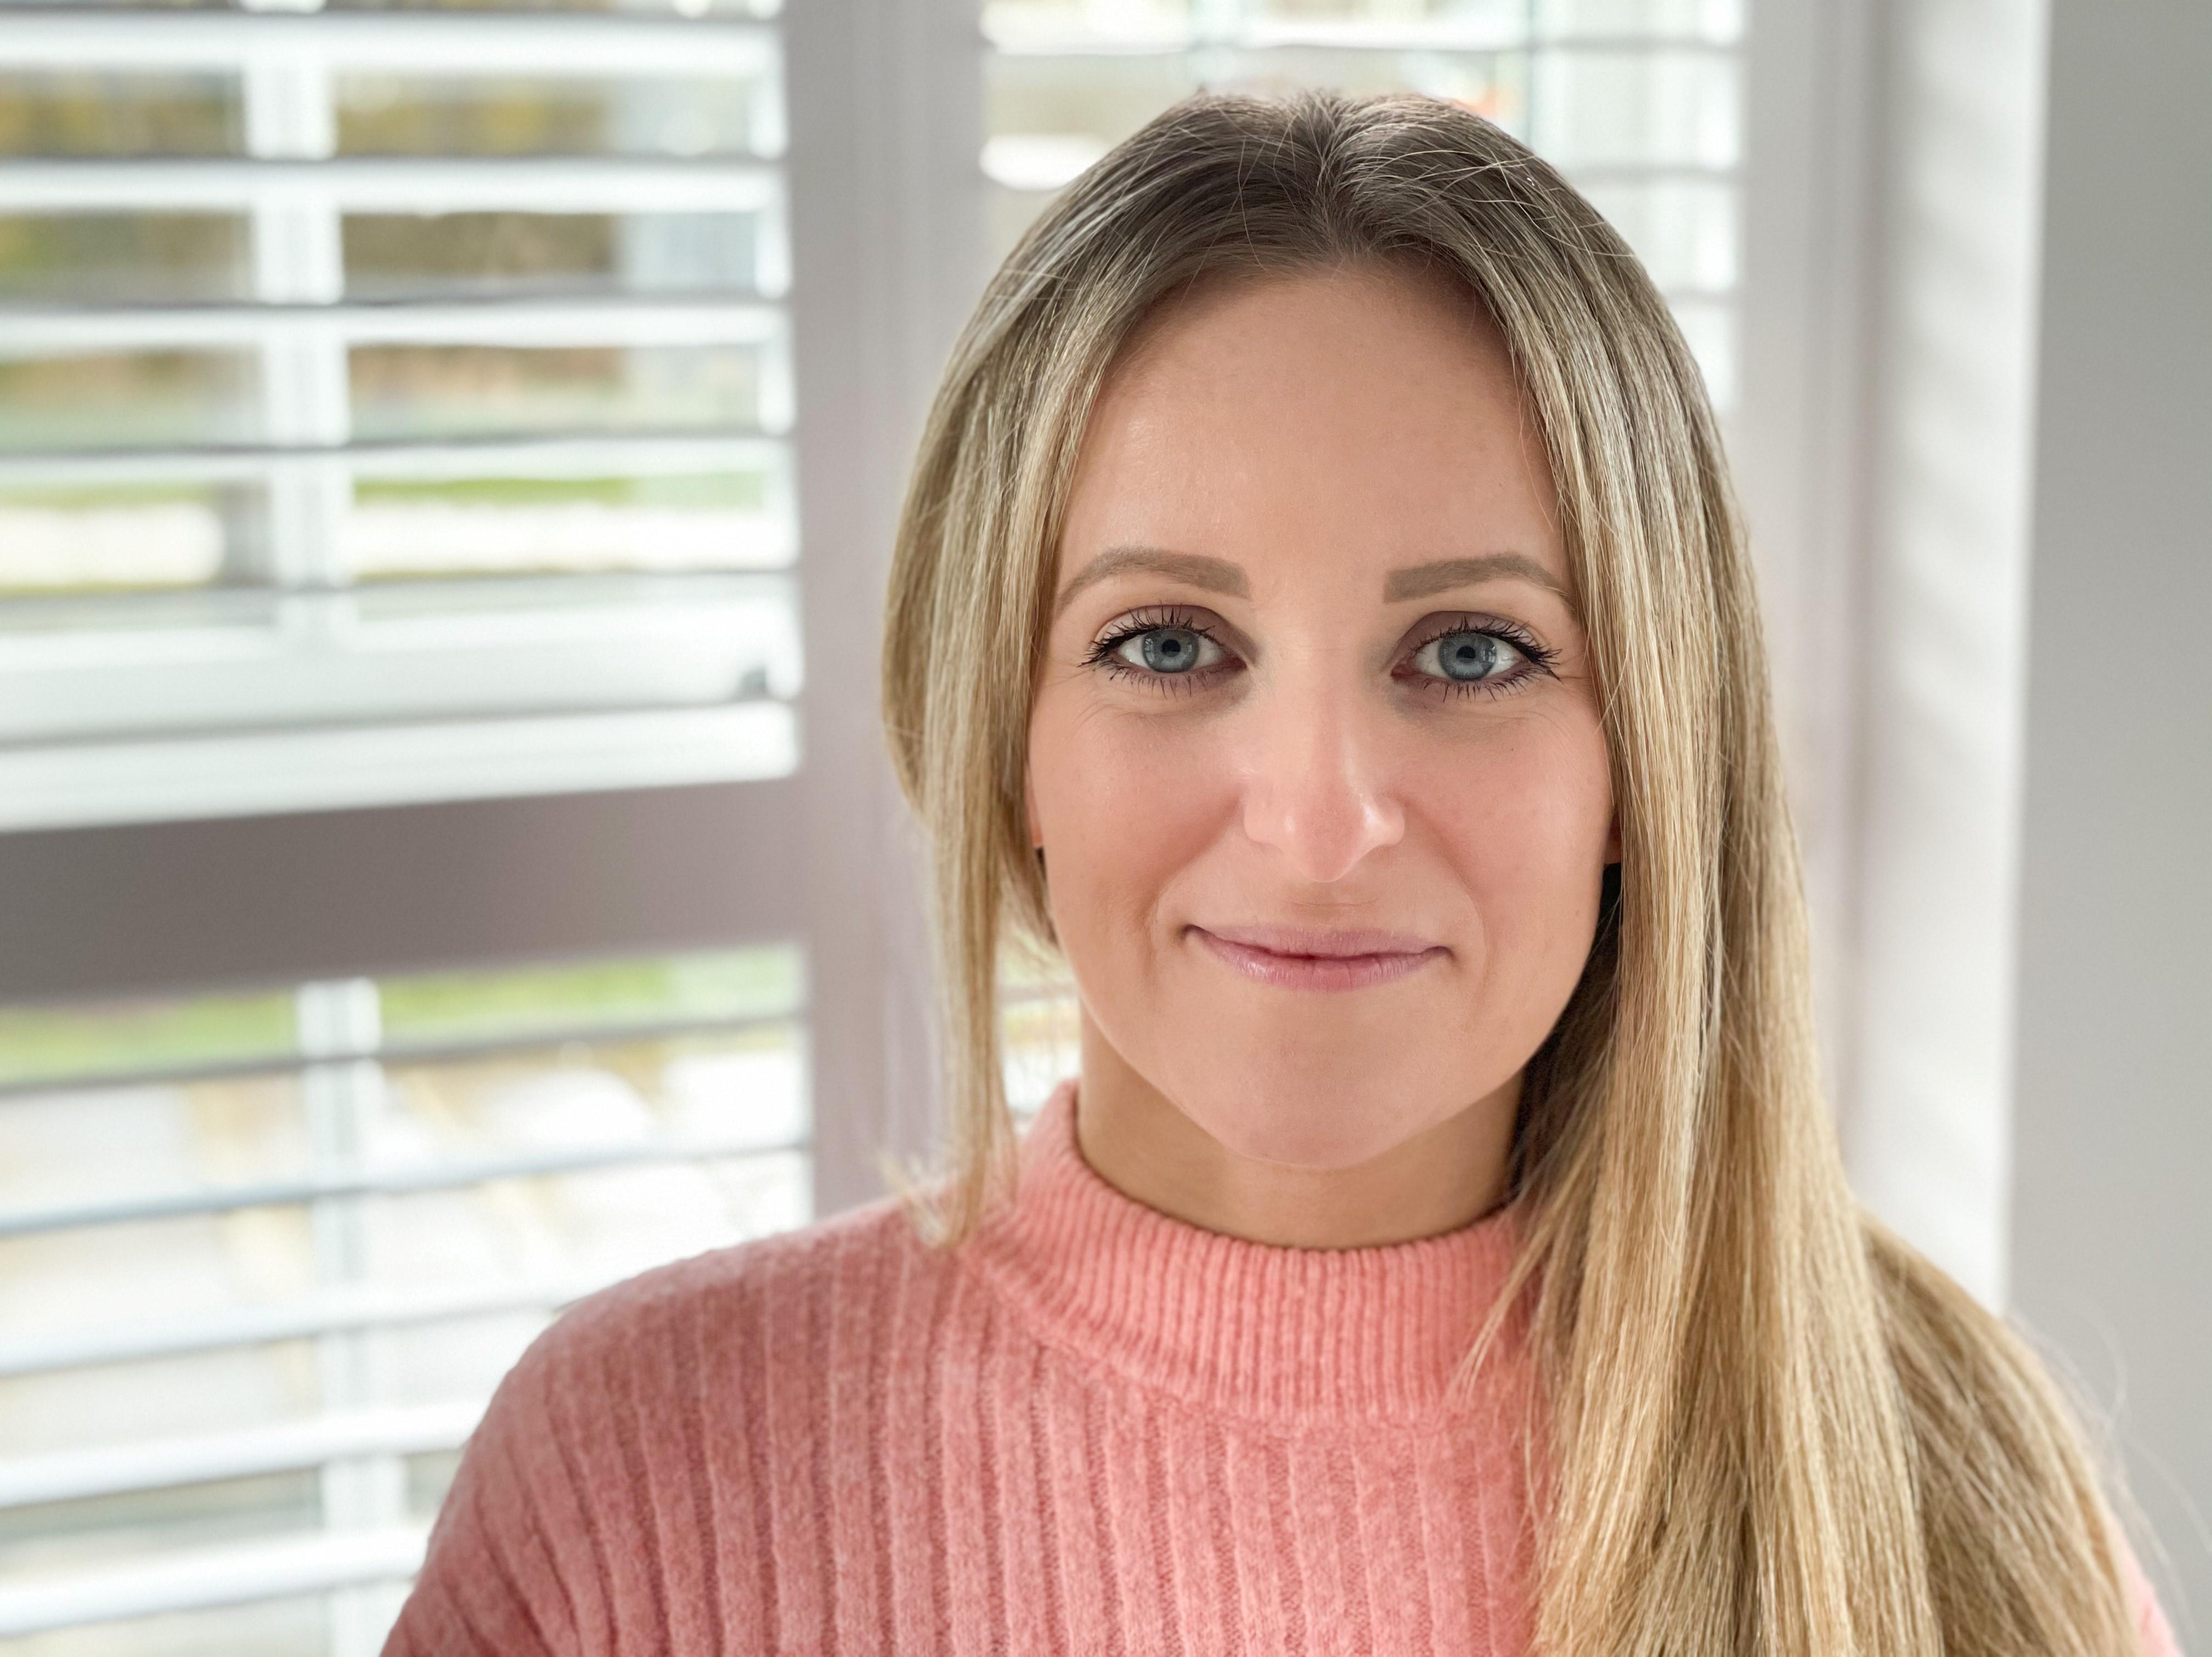 Victoria Daly